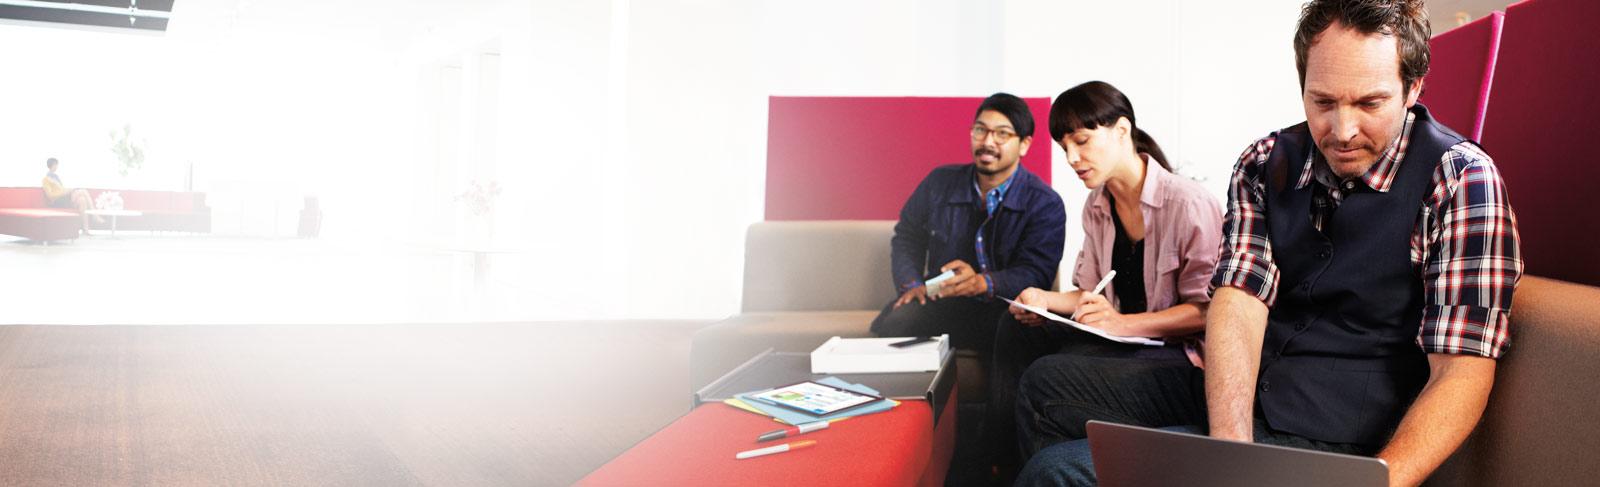 랩톱 및 노트북에서 SharePoint Online을 사용하여 작업 중인 세 사람